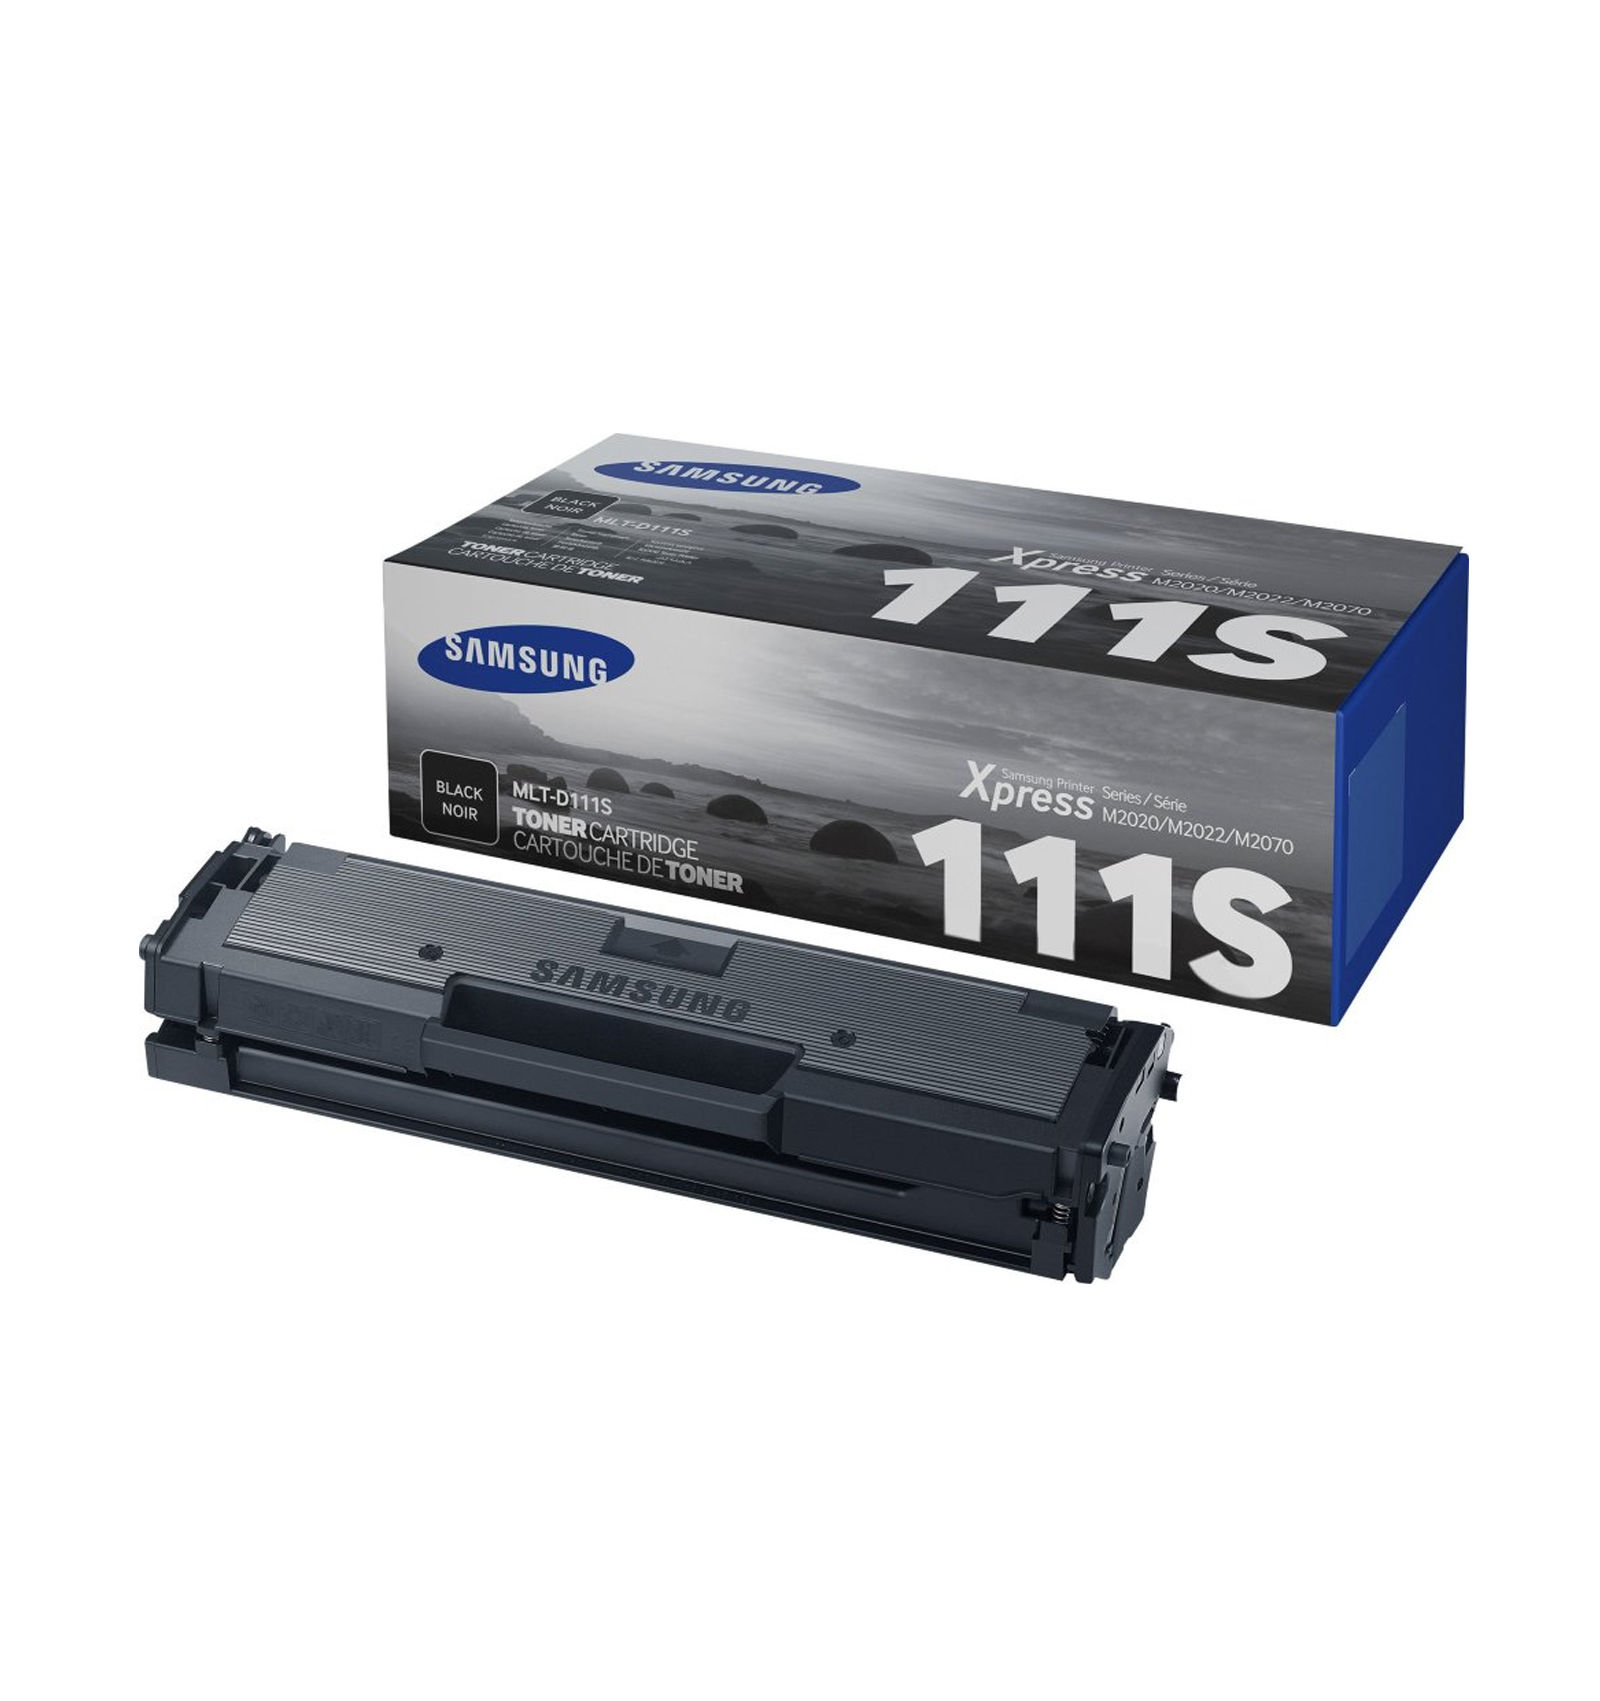 Заправка картриджей Samsung MLT-D111S для Xpress M2022/M2022W/M2020/ M2021/M2020W/M2021W/M207